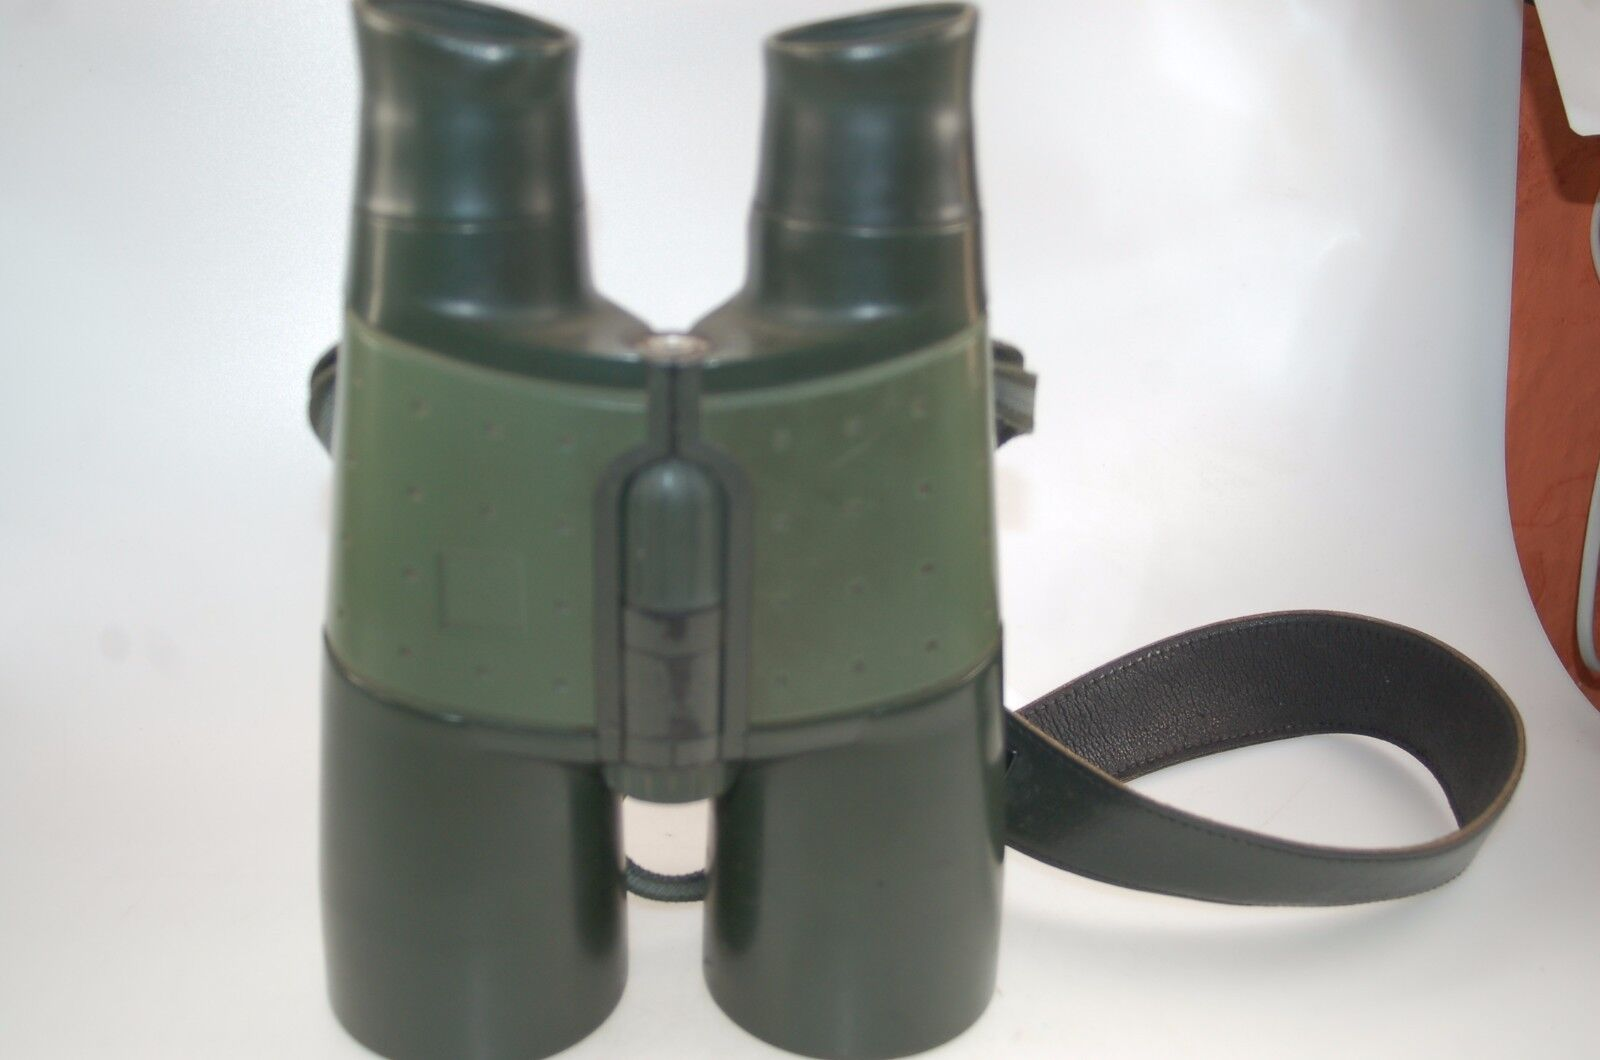 Zeiss Fernglas Mit Entfernungsmesser : Fernglas zeiss b t teleskope ferngläser